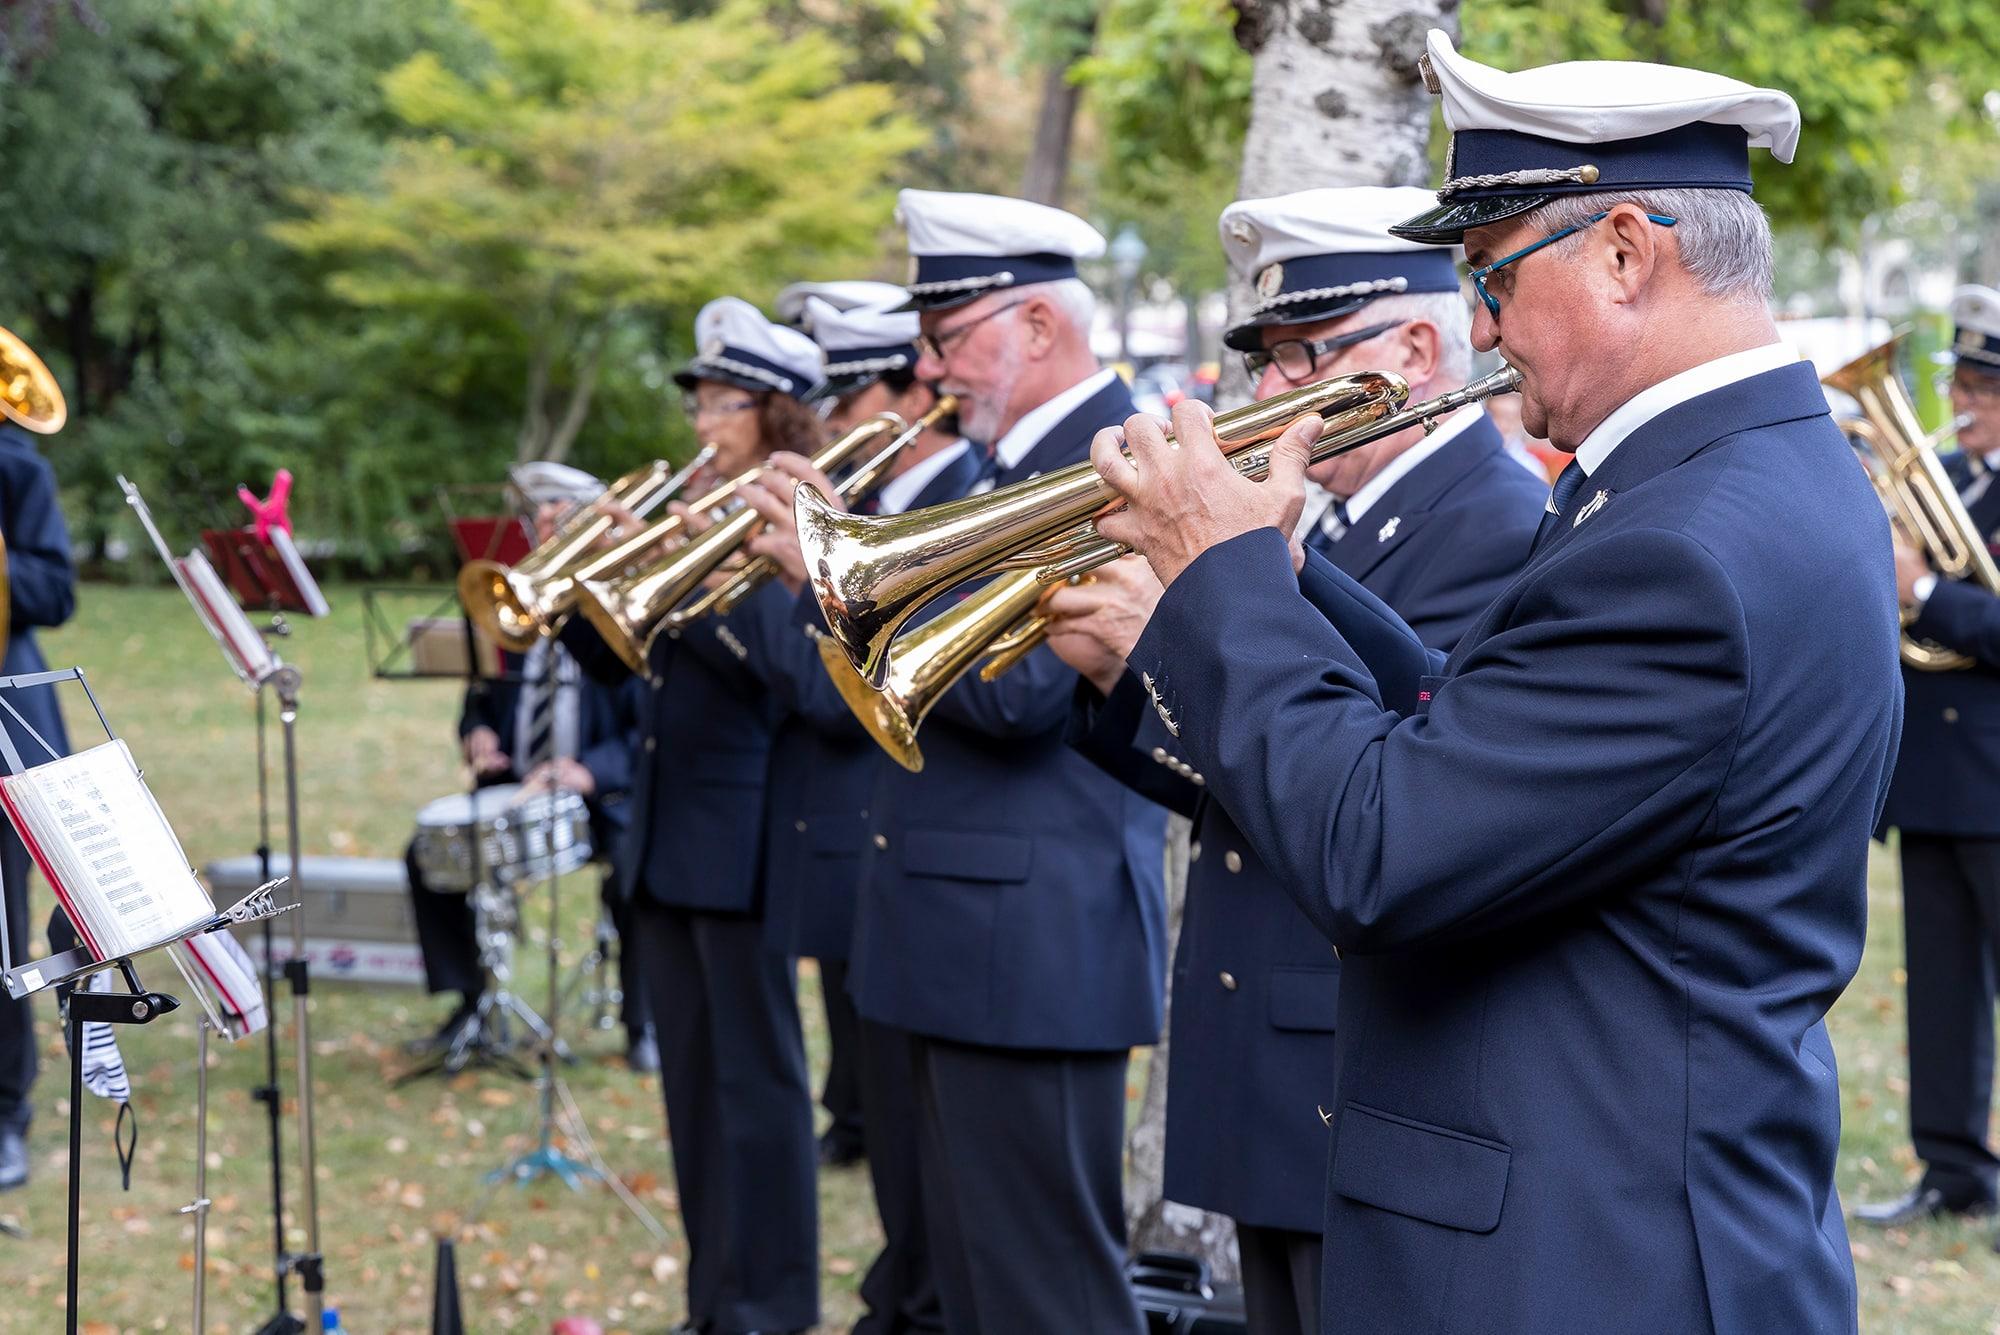 Blasmusiker der Wiener Netze spielen in Uniform Trompete im Park.